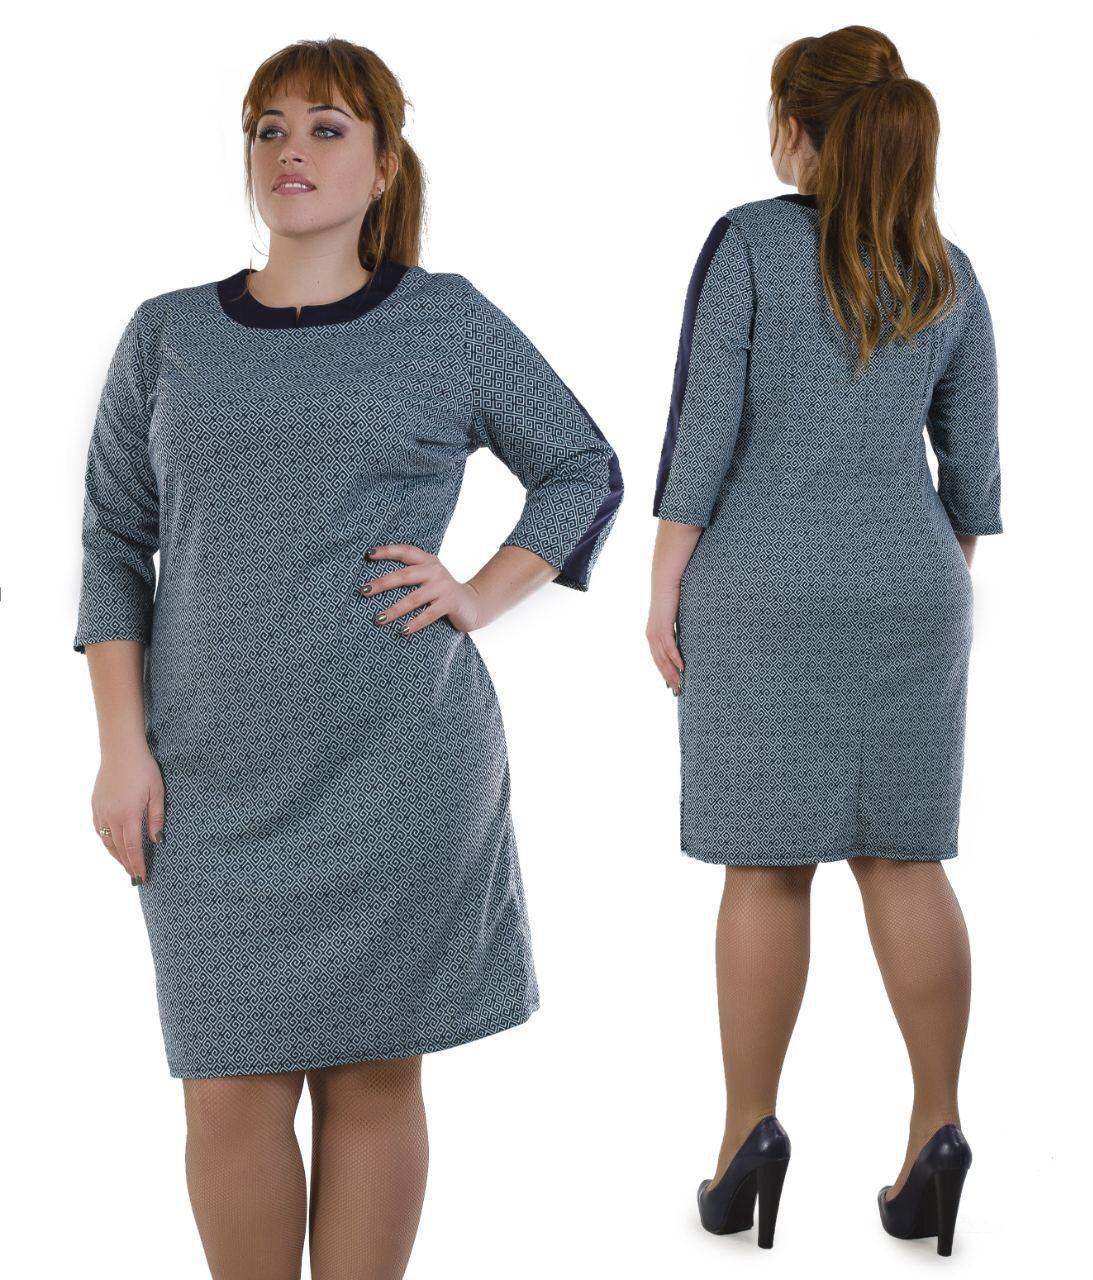 """Комфортное женское платье ткань """" мягкий Французский трикотаж""""  50, 52, 54, 56  размер батал"""